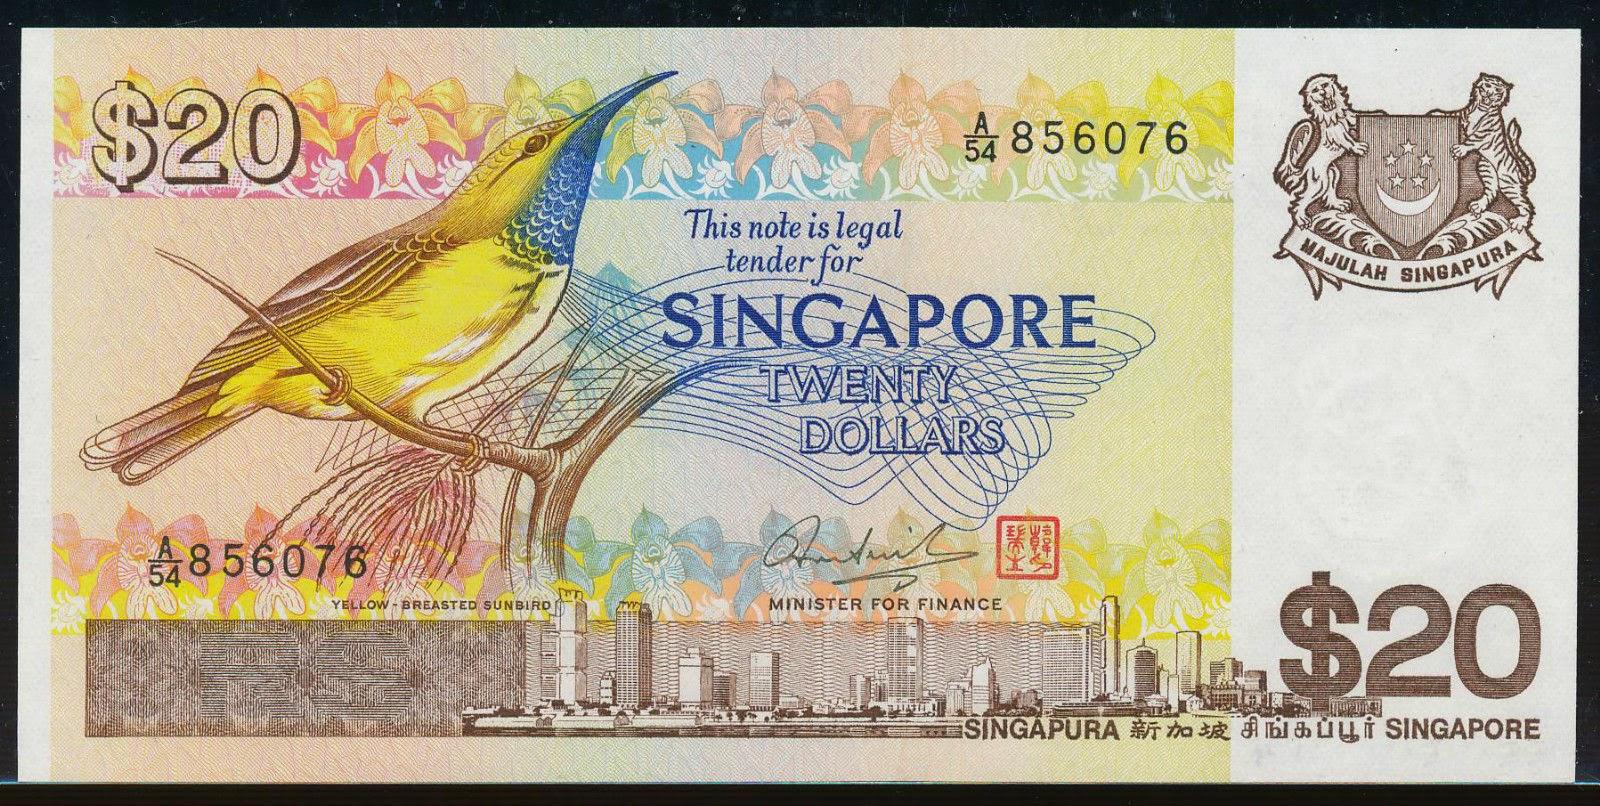 20 singapore dollars banknote